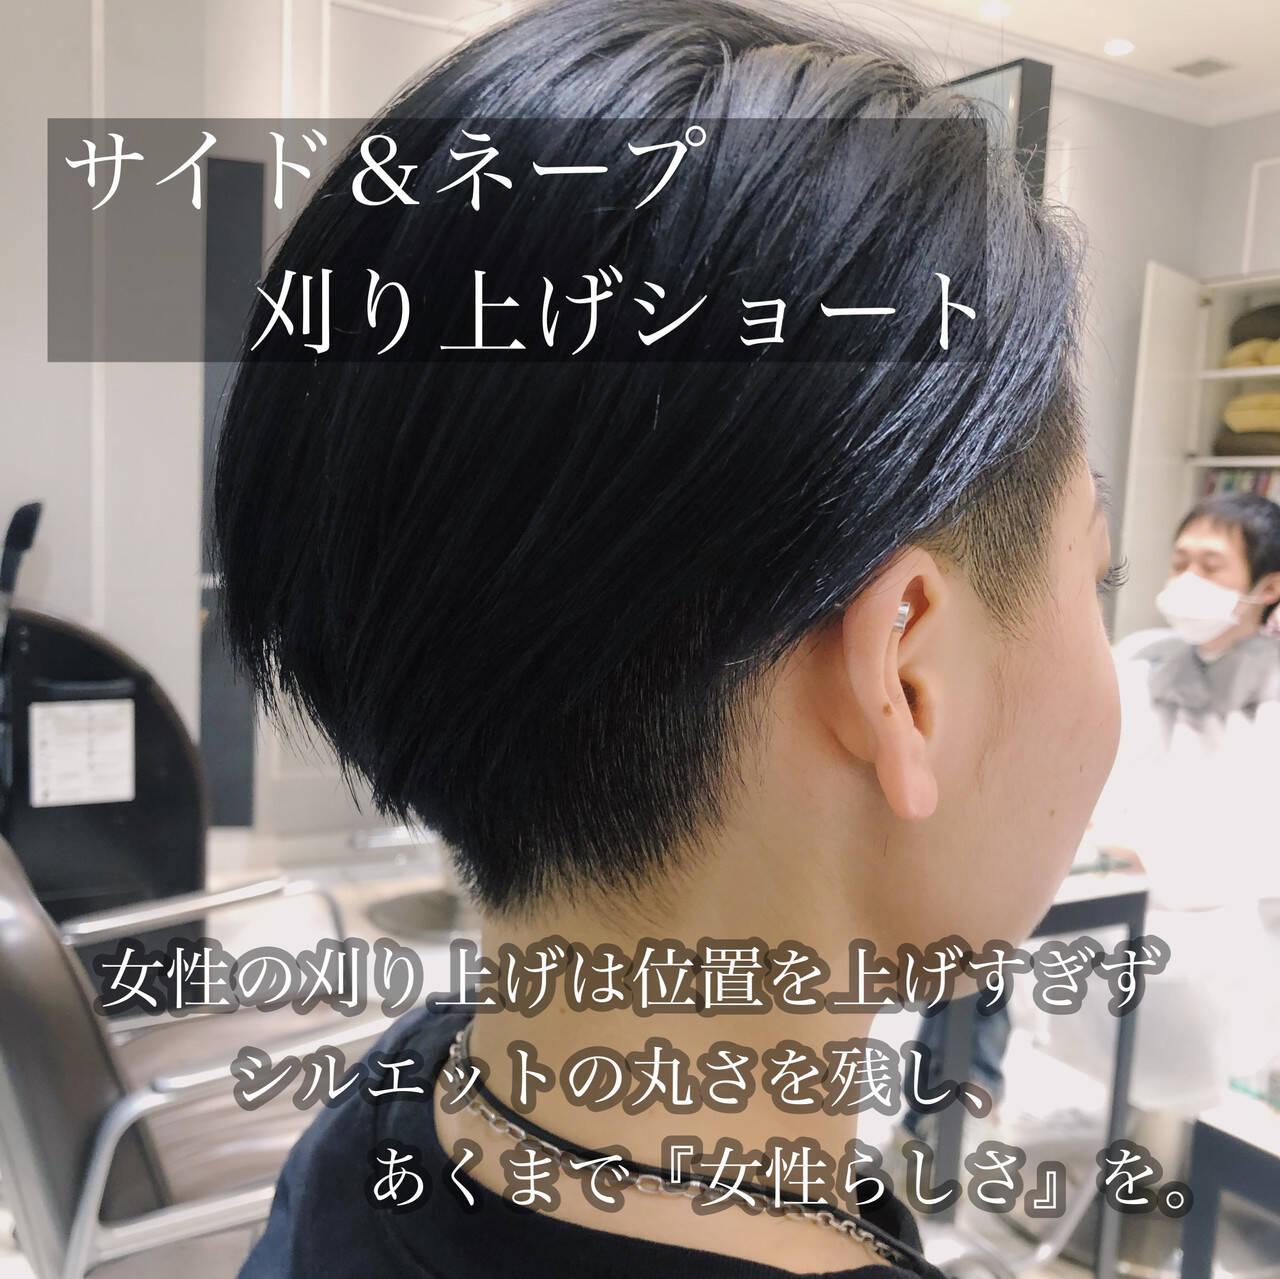 ブルー 刈り上げ ネイビーブルー 刈り上げ女子ヘアスタイルや髪型の写真・画像